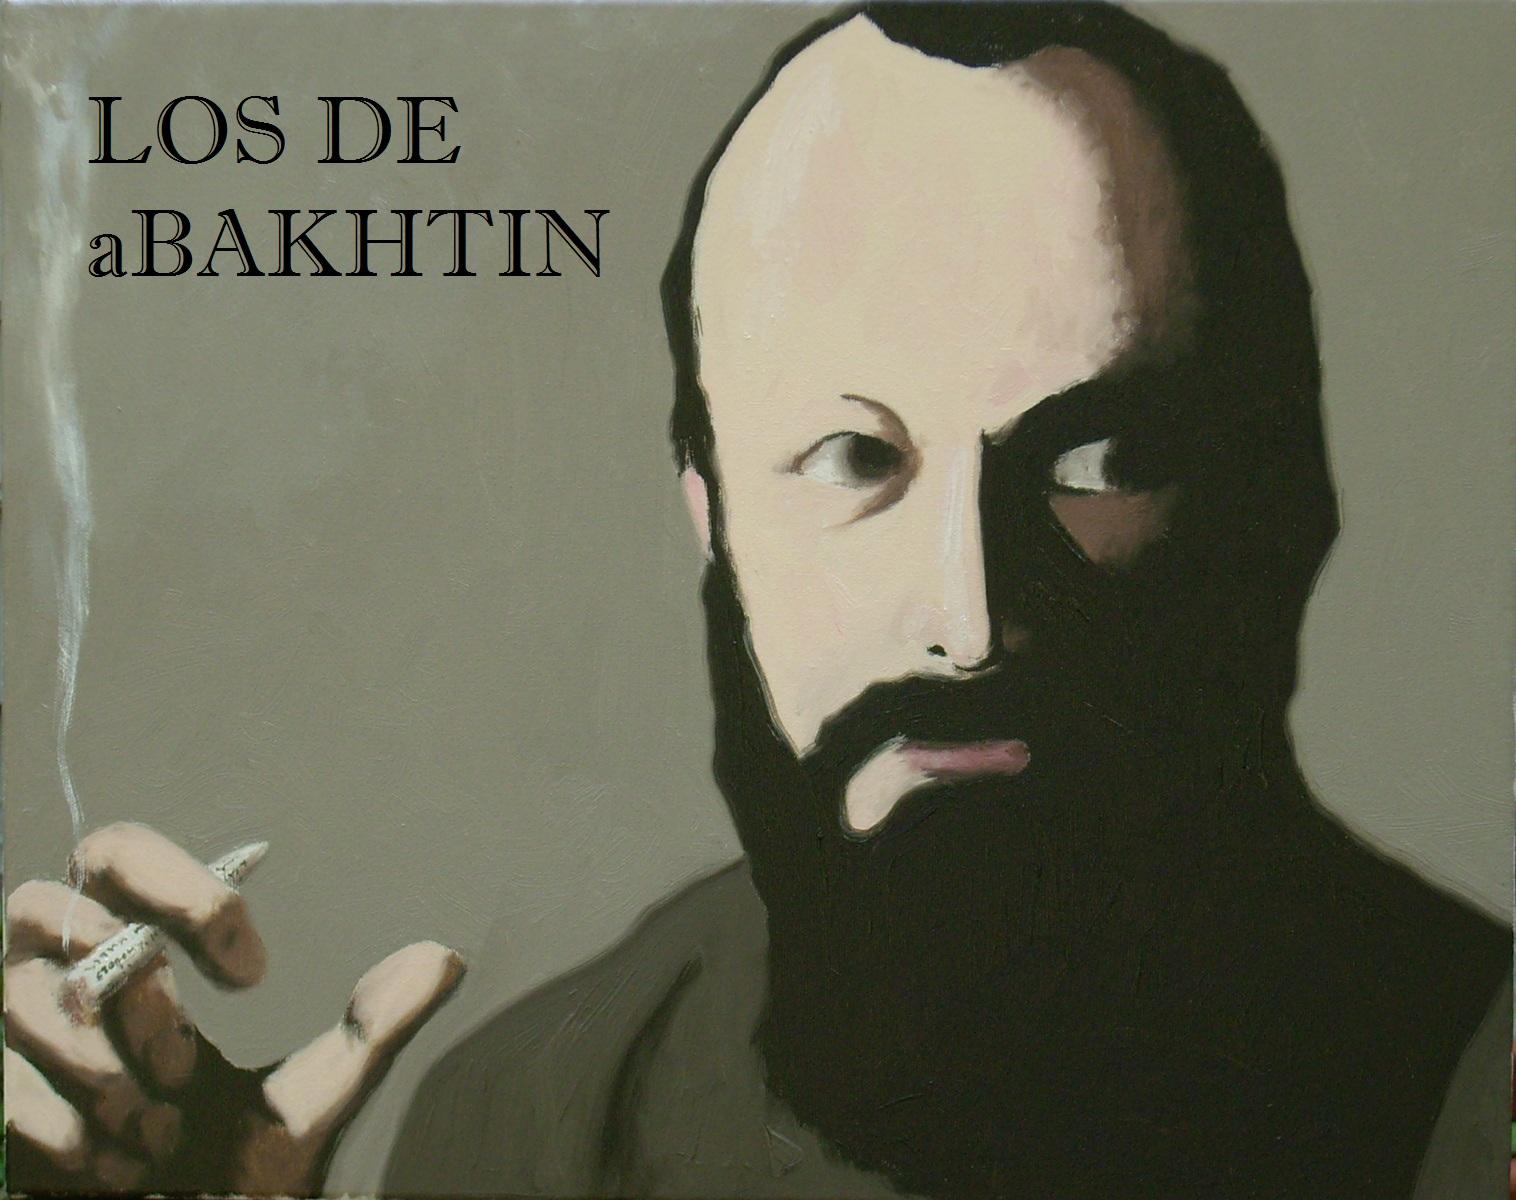 Los de aBakhtin